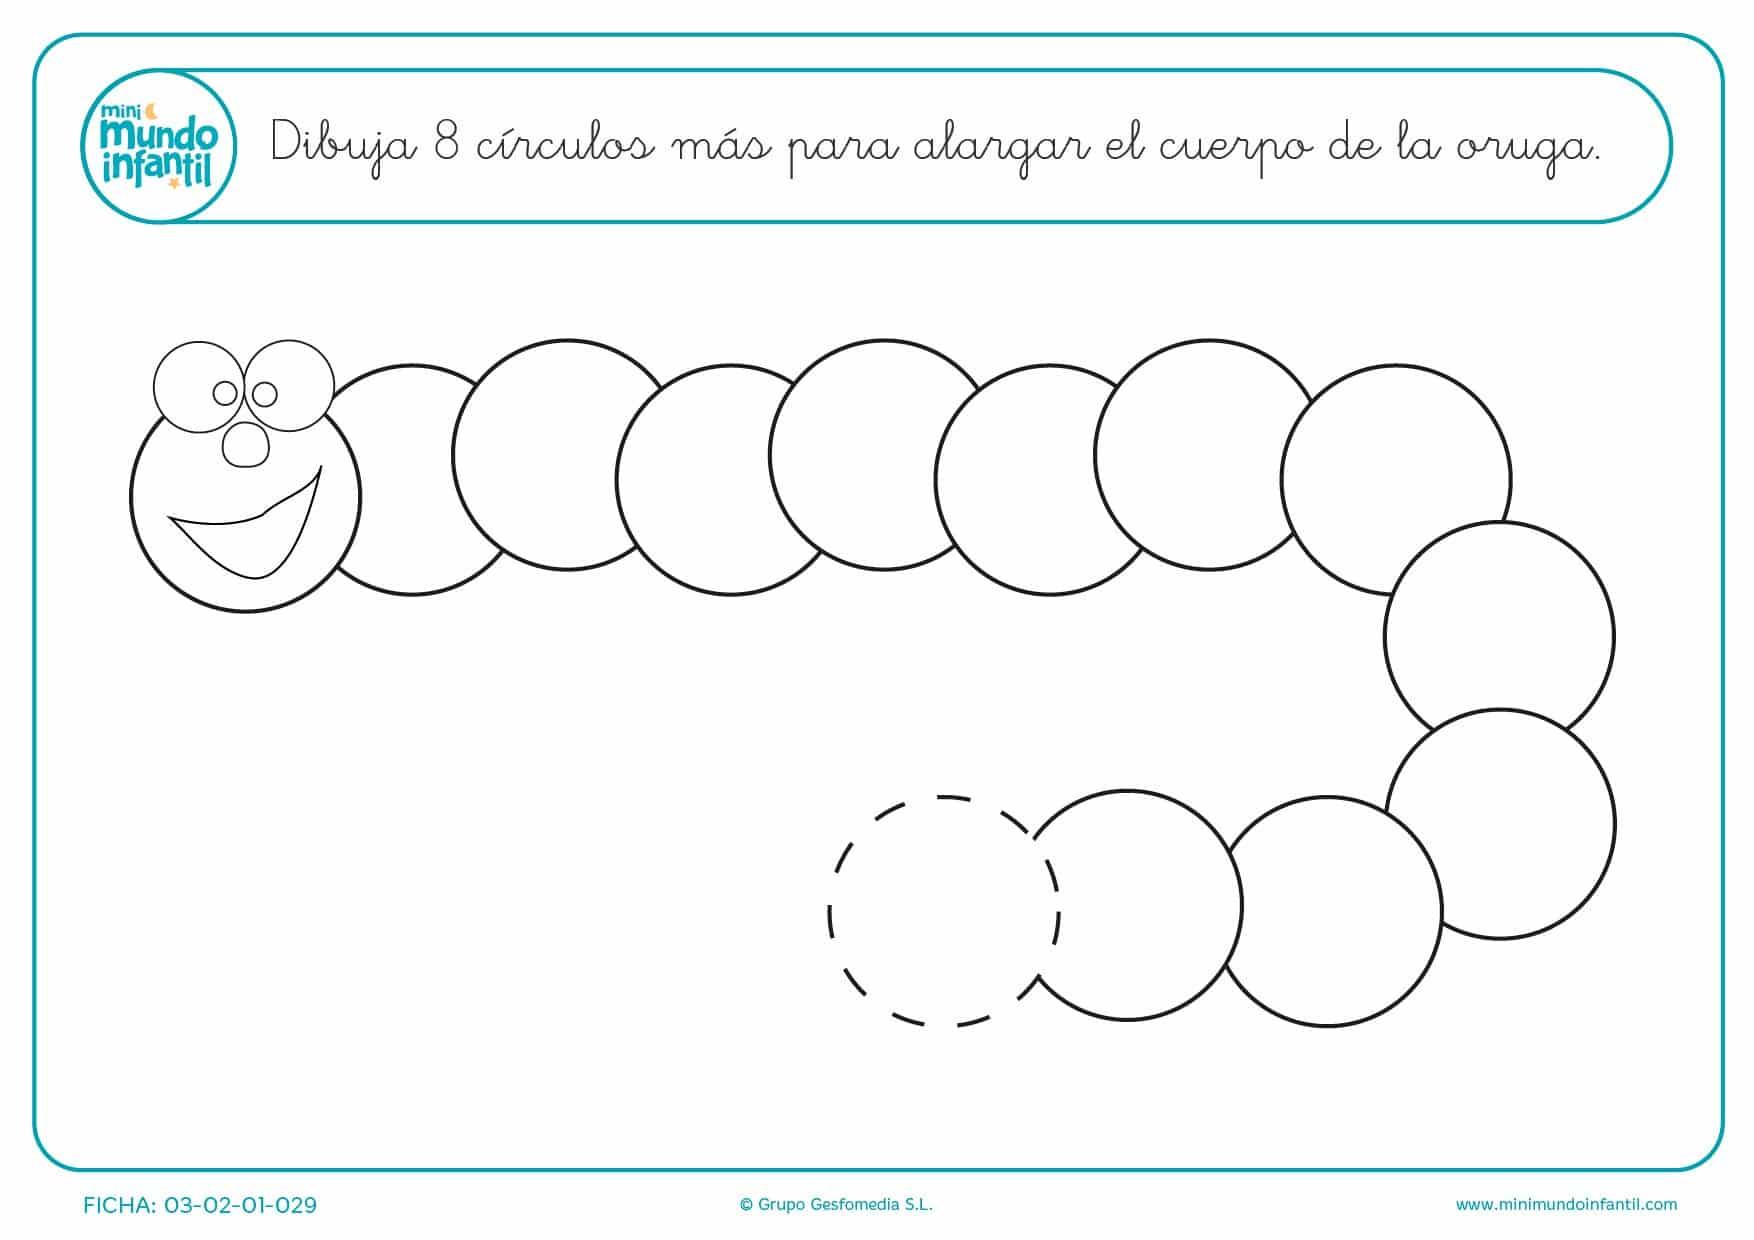 Actividad para completar la imagen mediante trazos circulares